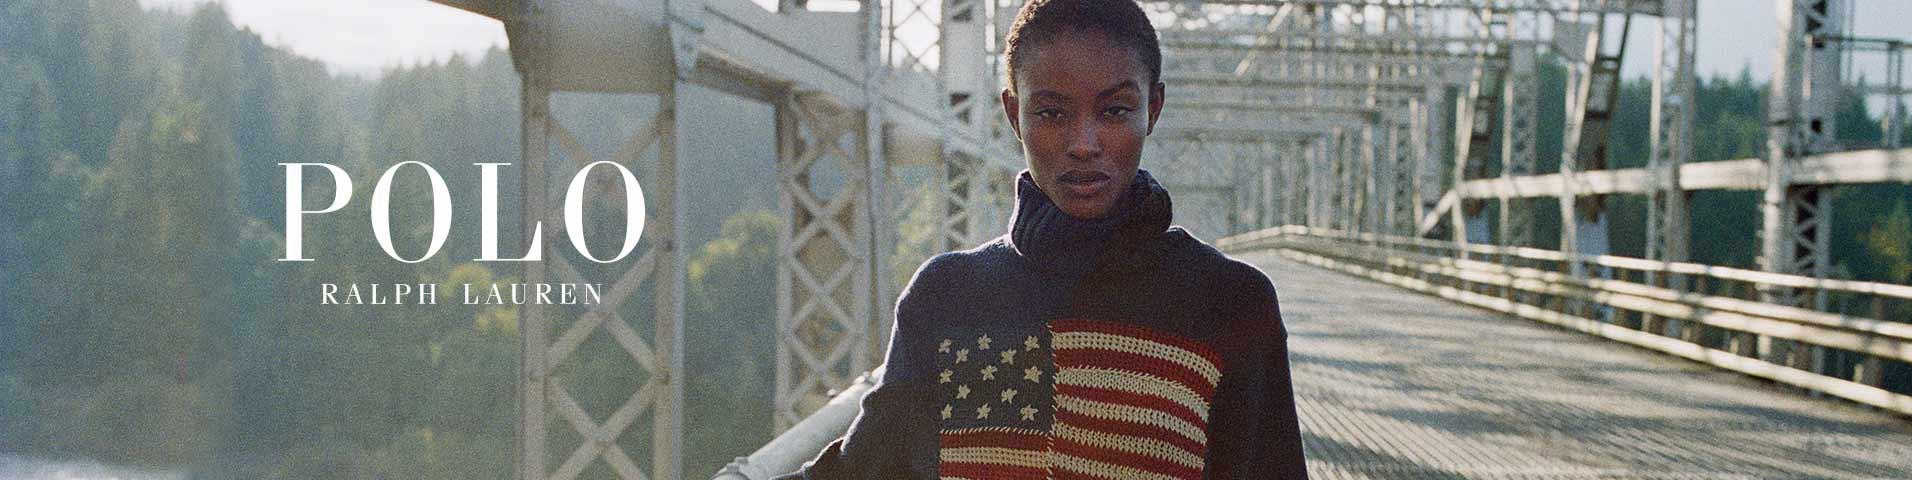 20dffa41093a Articles pour femme Polo Ralph Lauren   Tous les articles chez Zalando